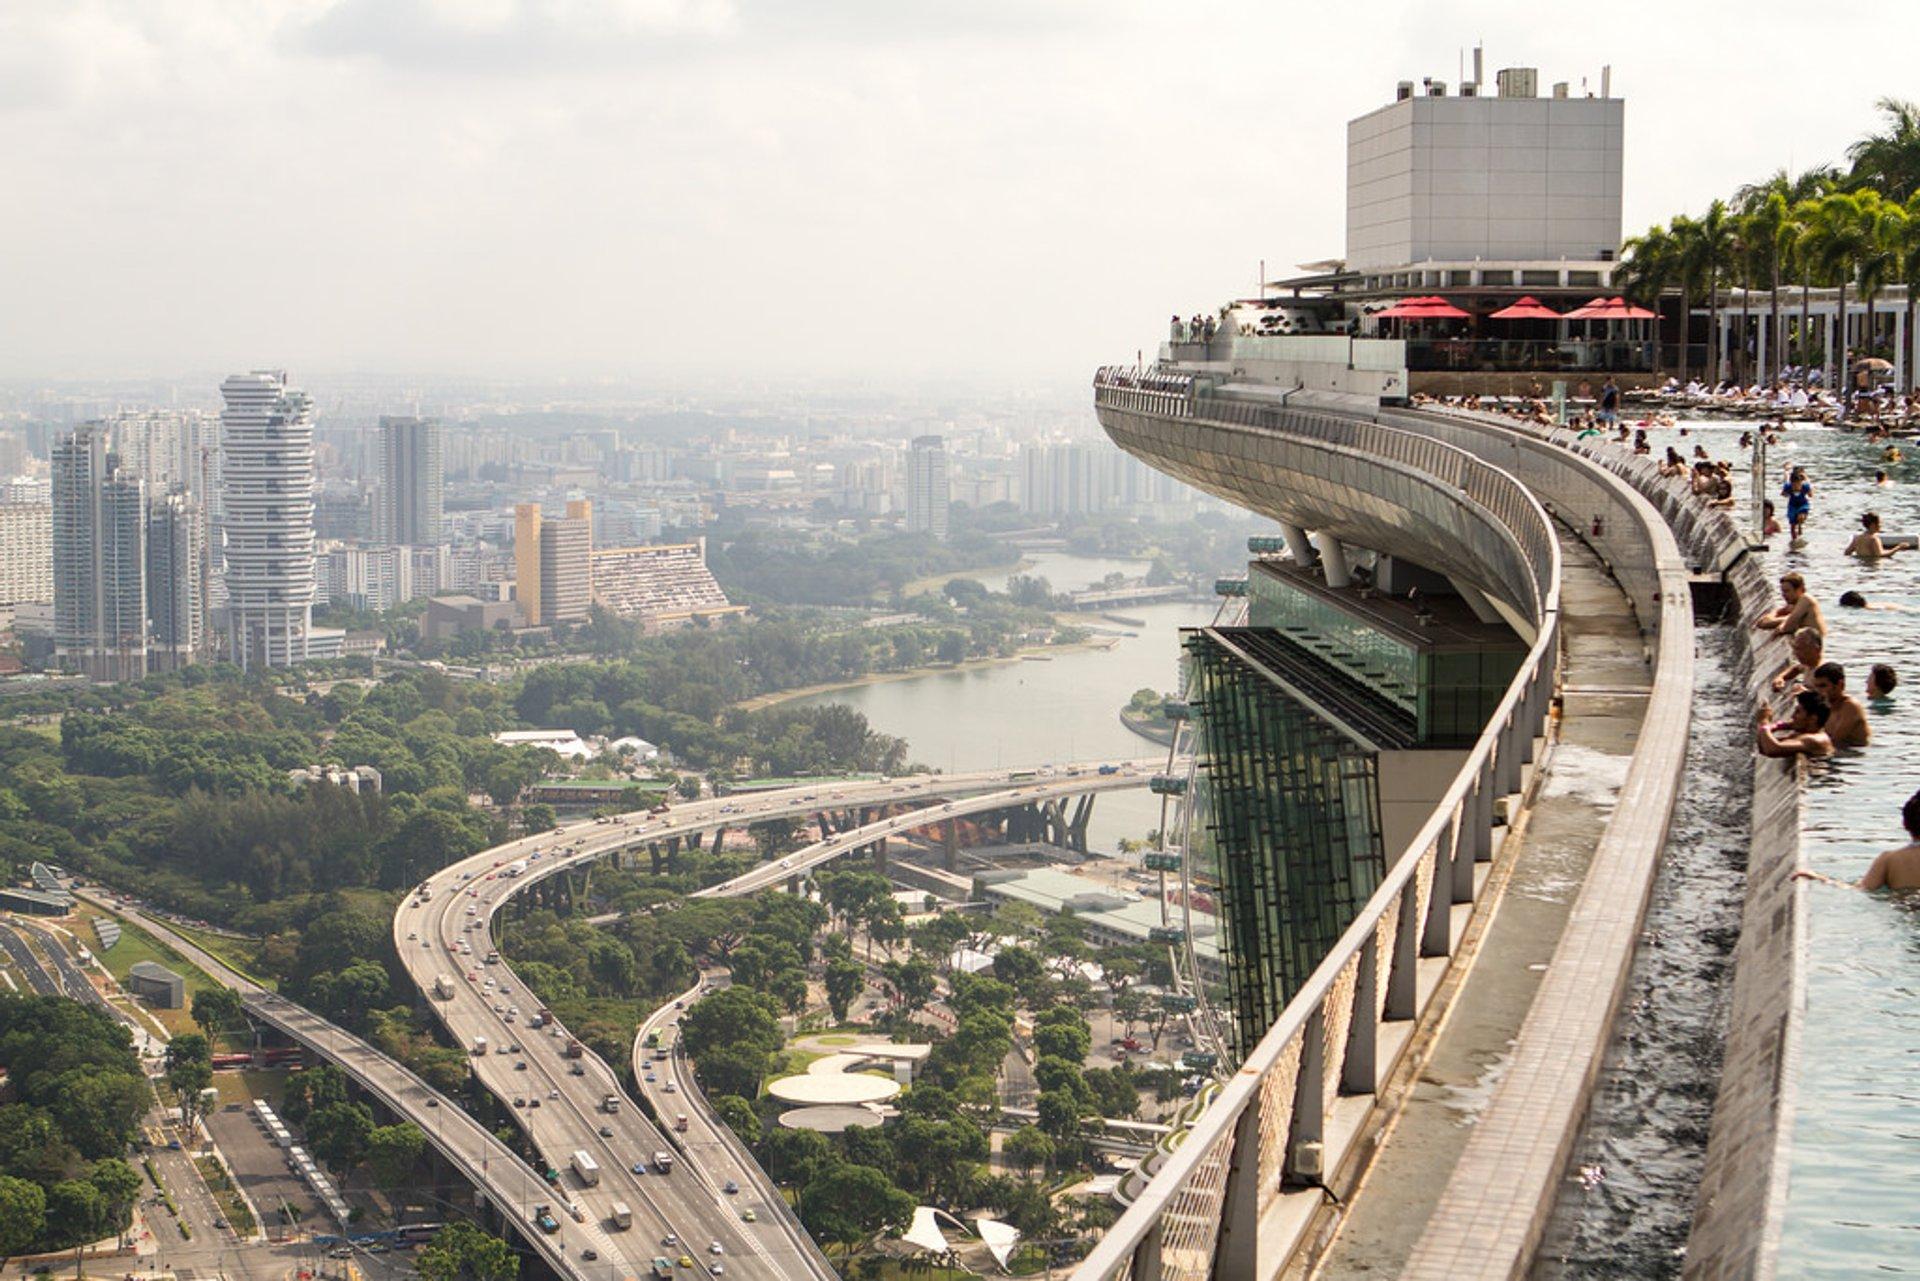 MBS Sky Park overlooking the Benjamin Sheares Bridge